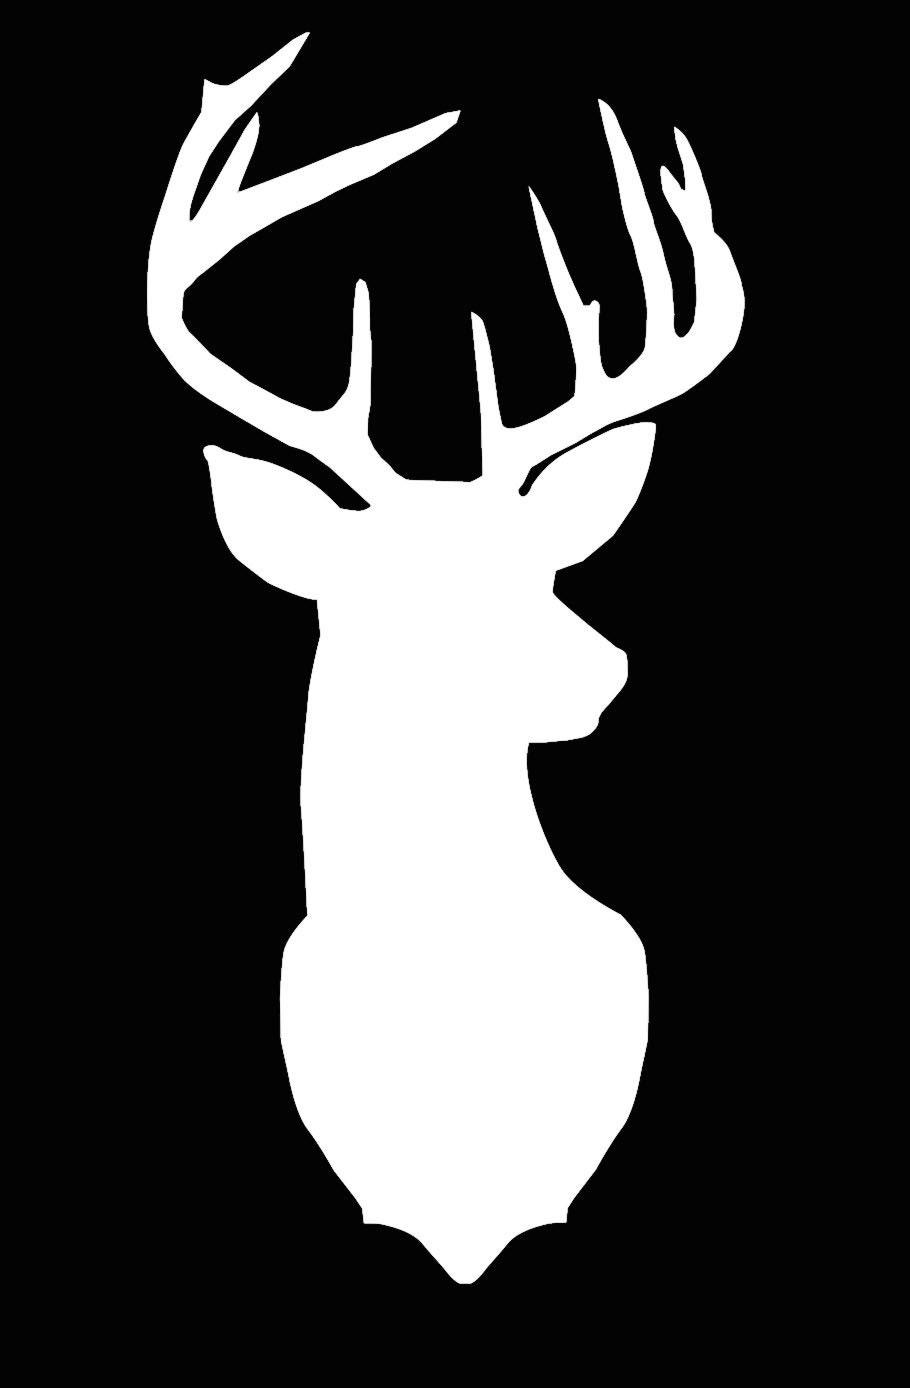 Mesmerizing image inside printable deer head